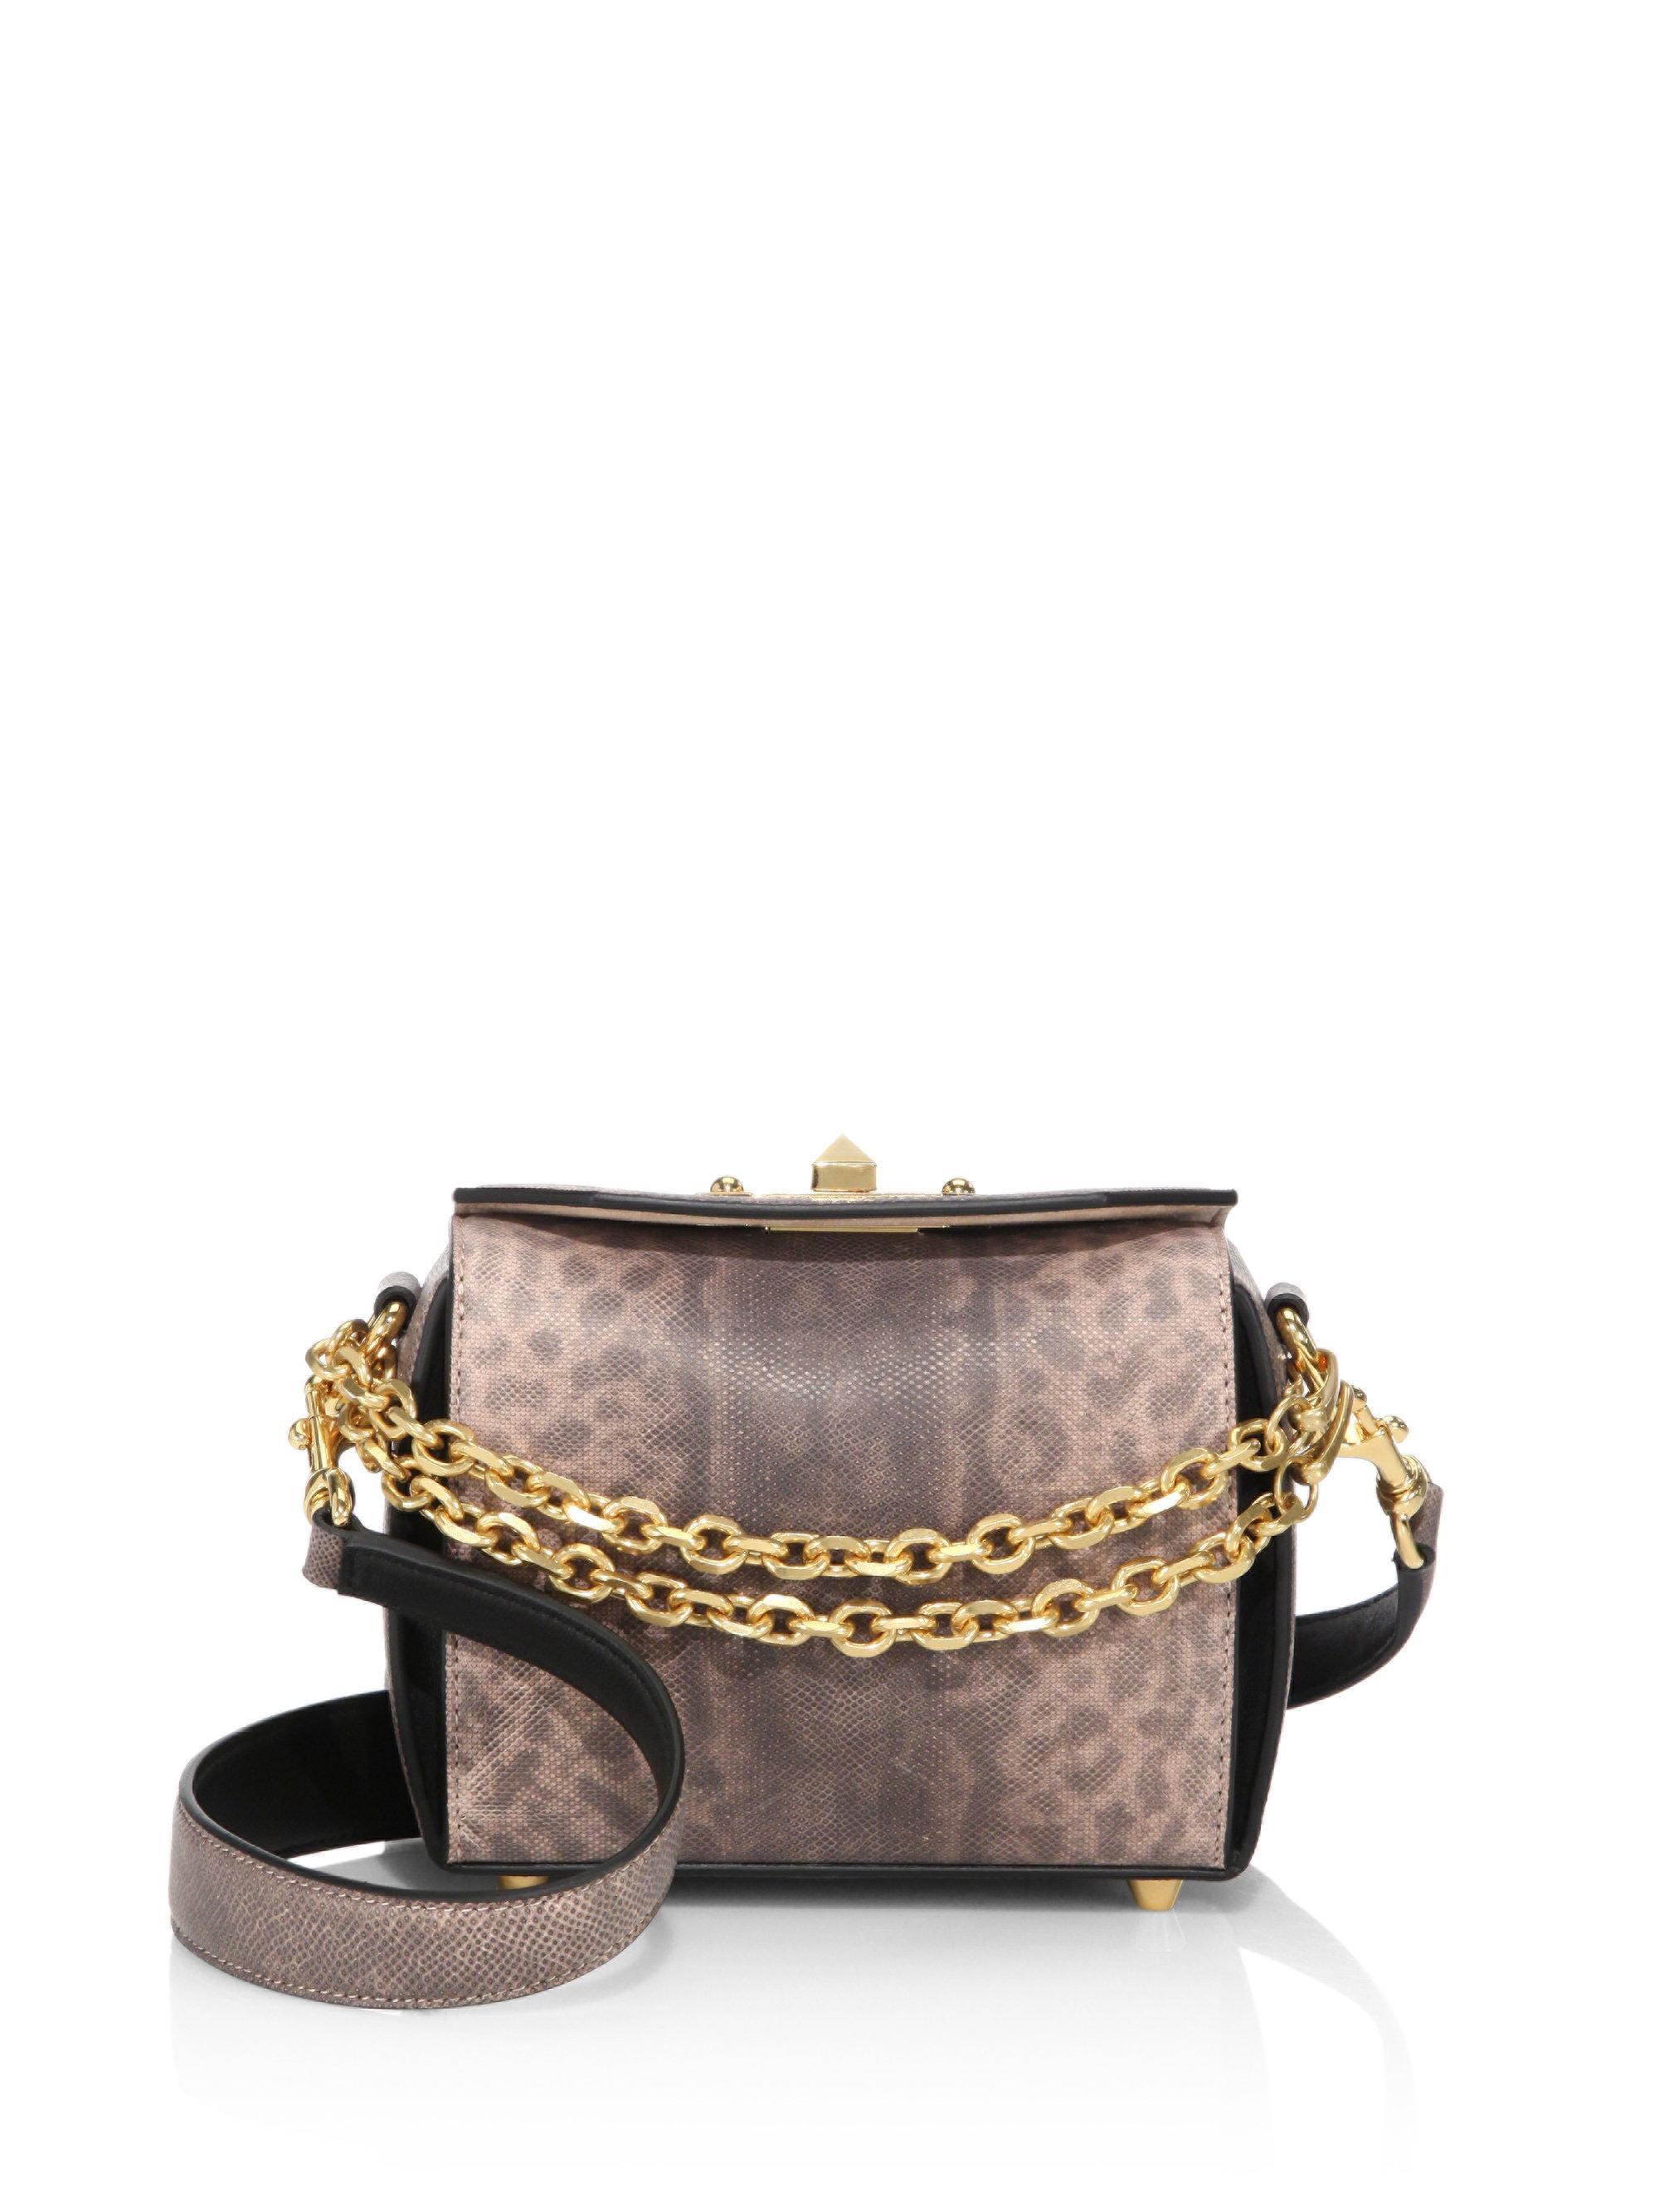 Box Bag 16 Faux Pearl-embellished Leather Shoulder Bag - Black Alexander McQueen x54K24U0